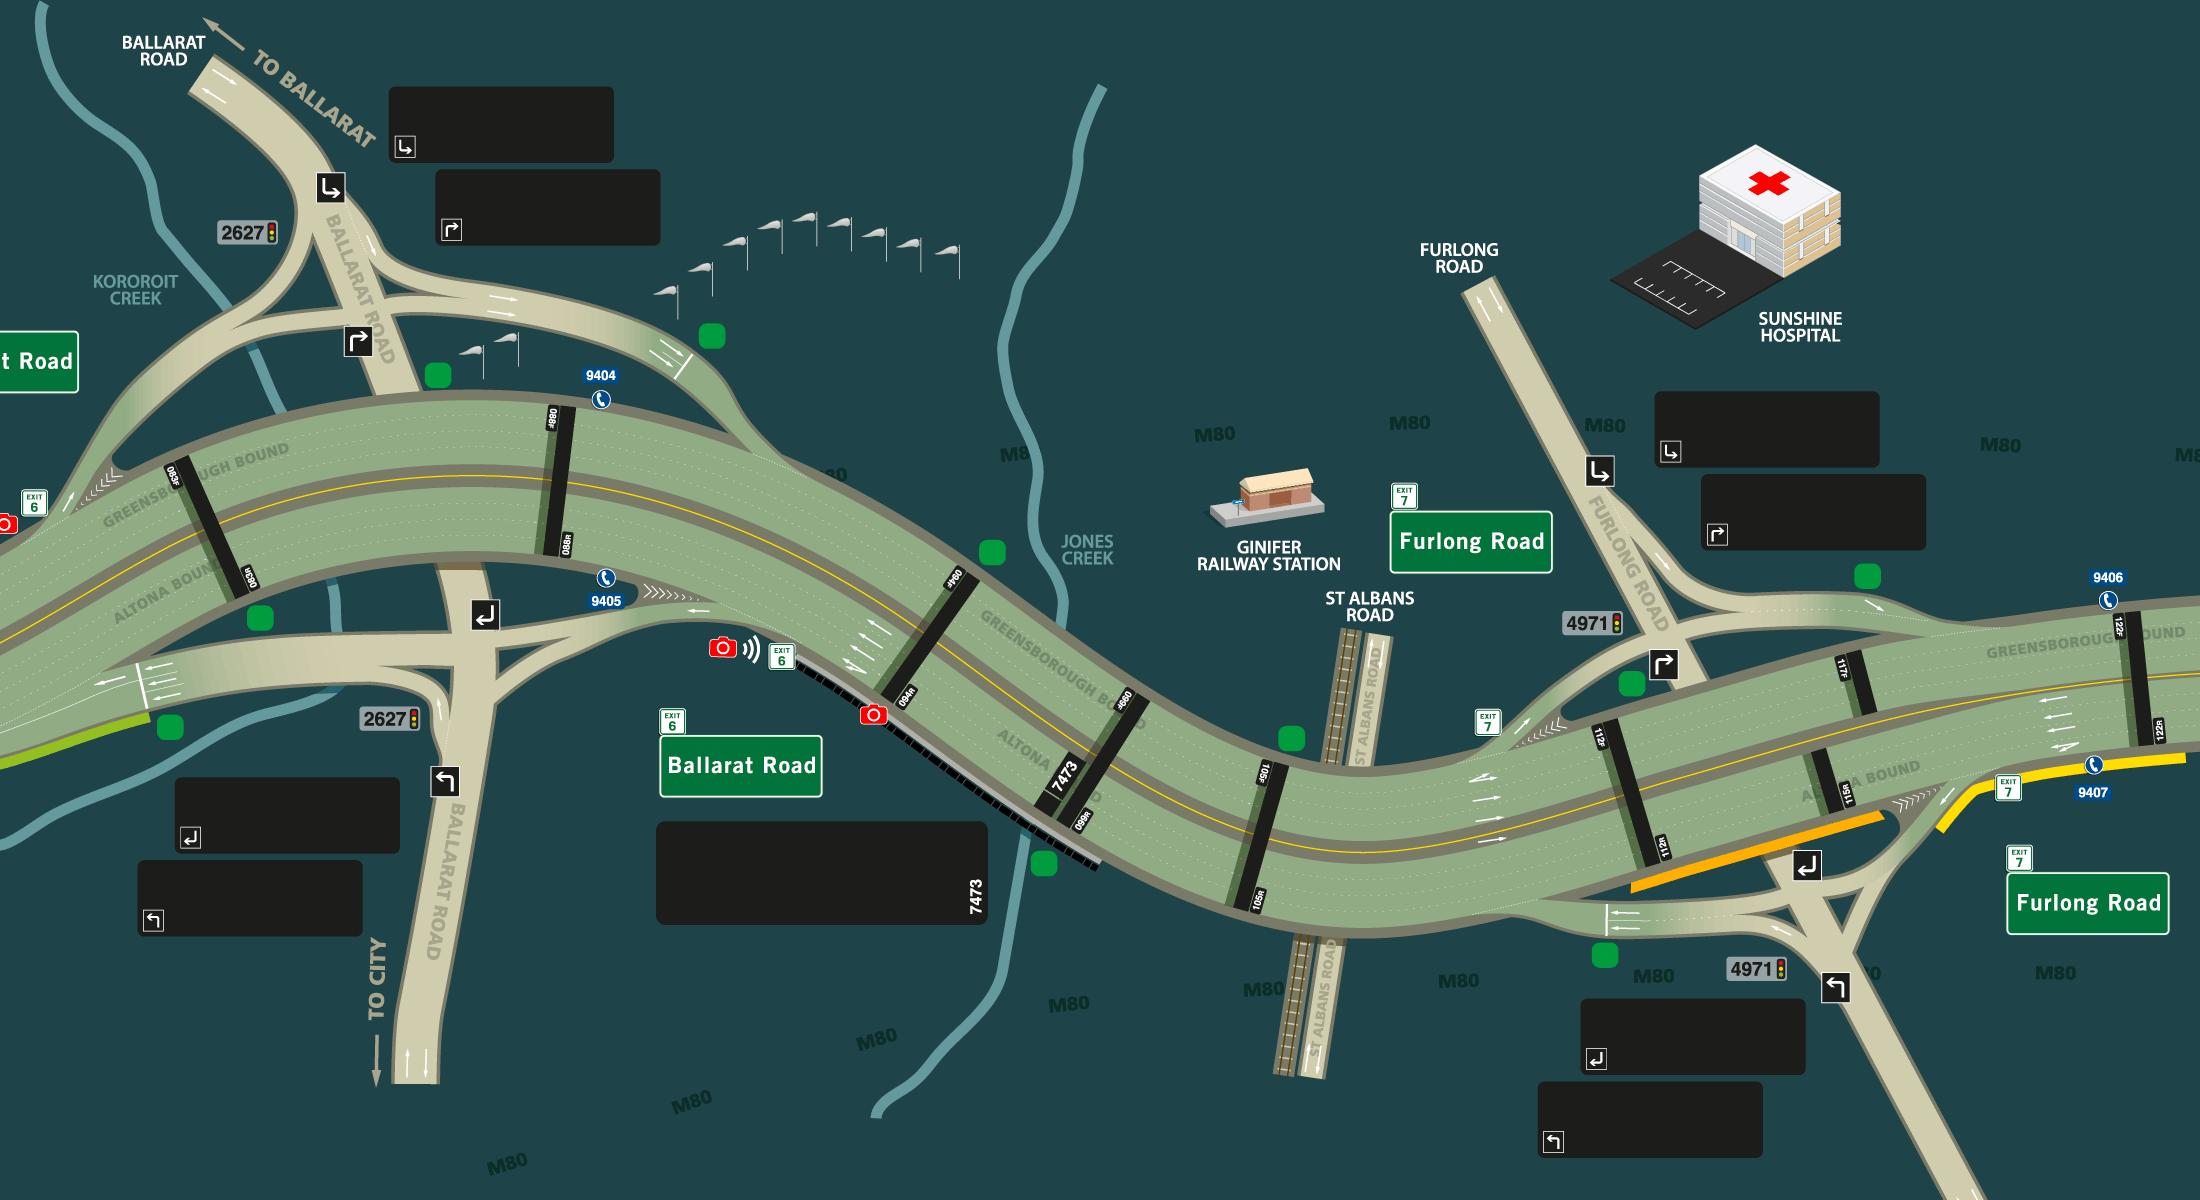 Road Schematics